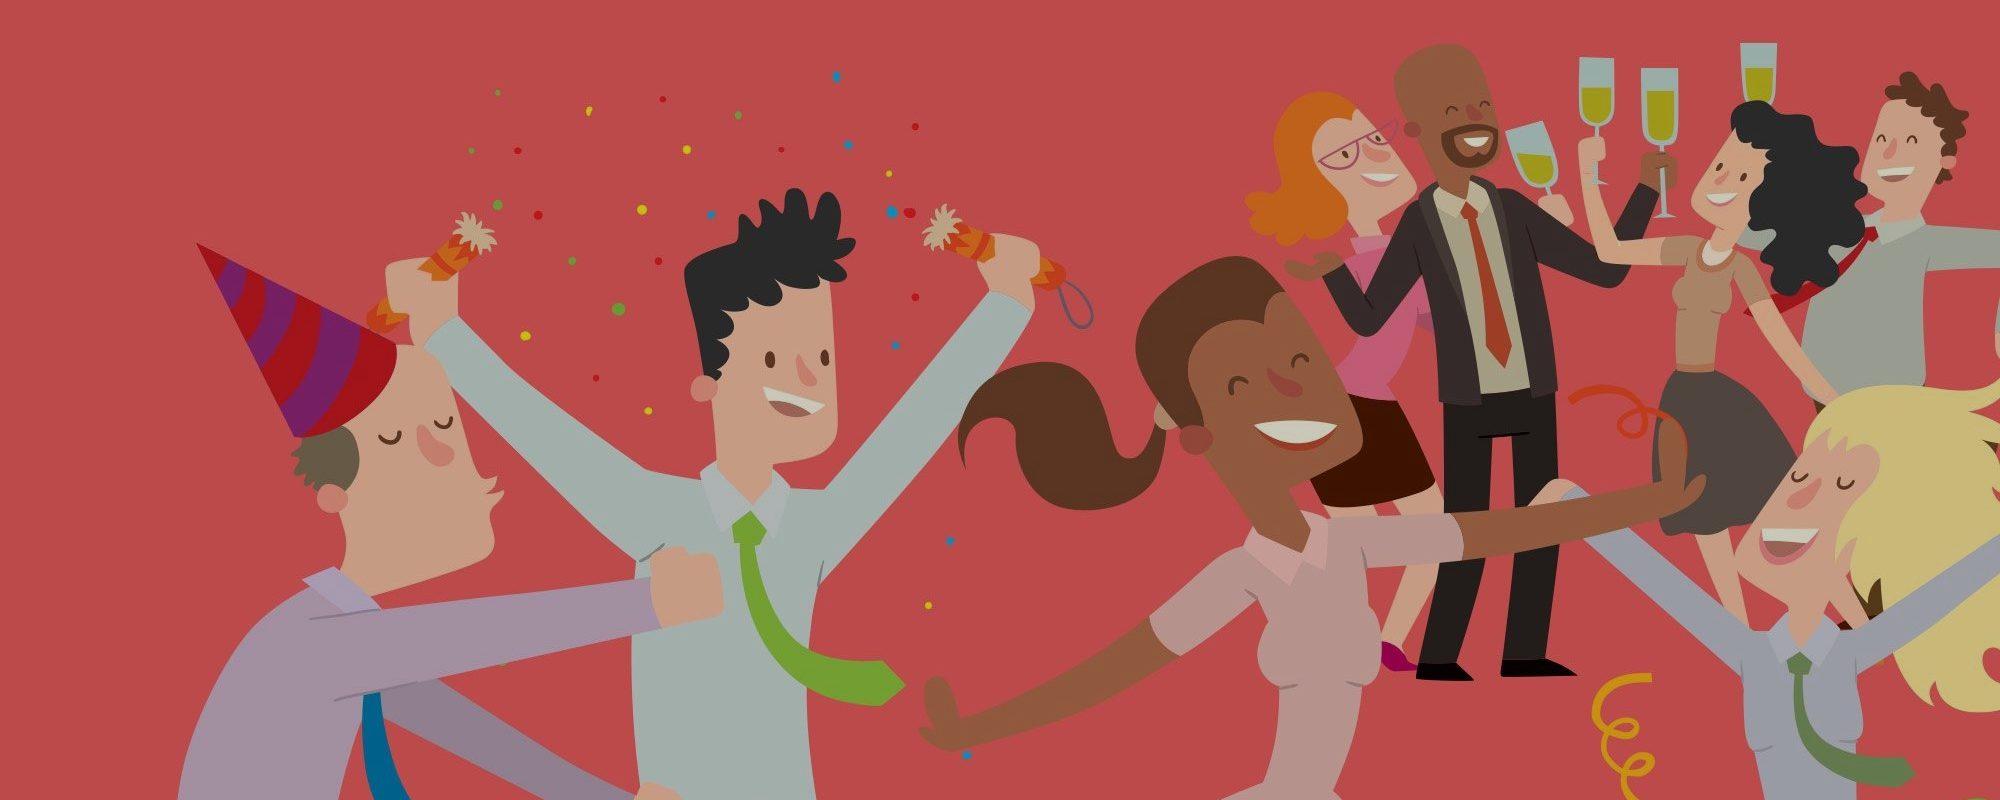 Bí quyết tổ chức tiệc Year End Party hoành tráng